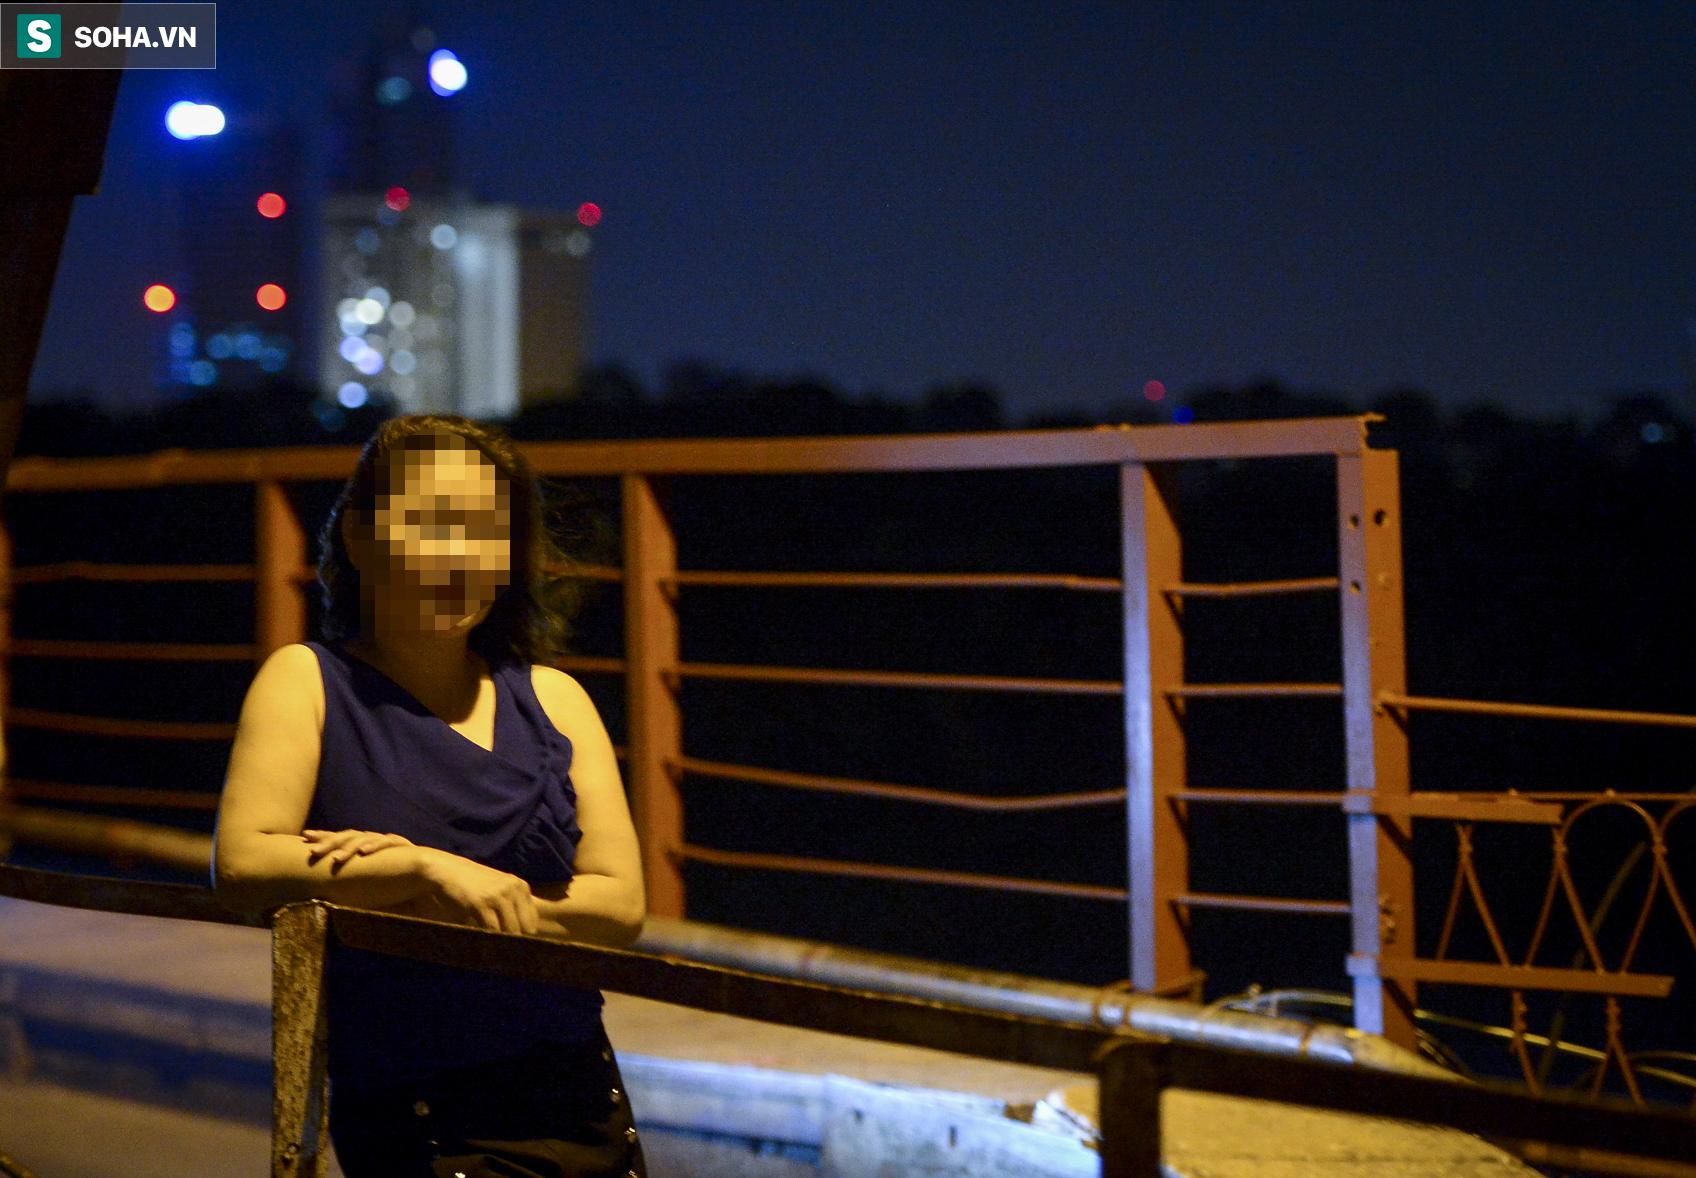 Hà Nội: Nam thanh nữ tú thản nhiên lên cầu Long Biên tâm sự, chụp ảnh, hóng mát bất chấp giãn cách xã hội - Ảnh 3.